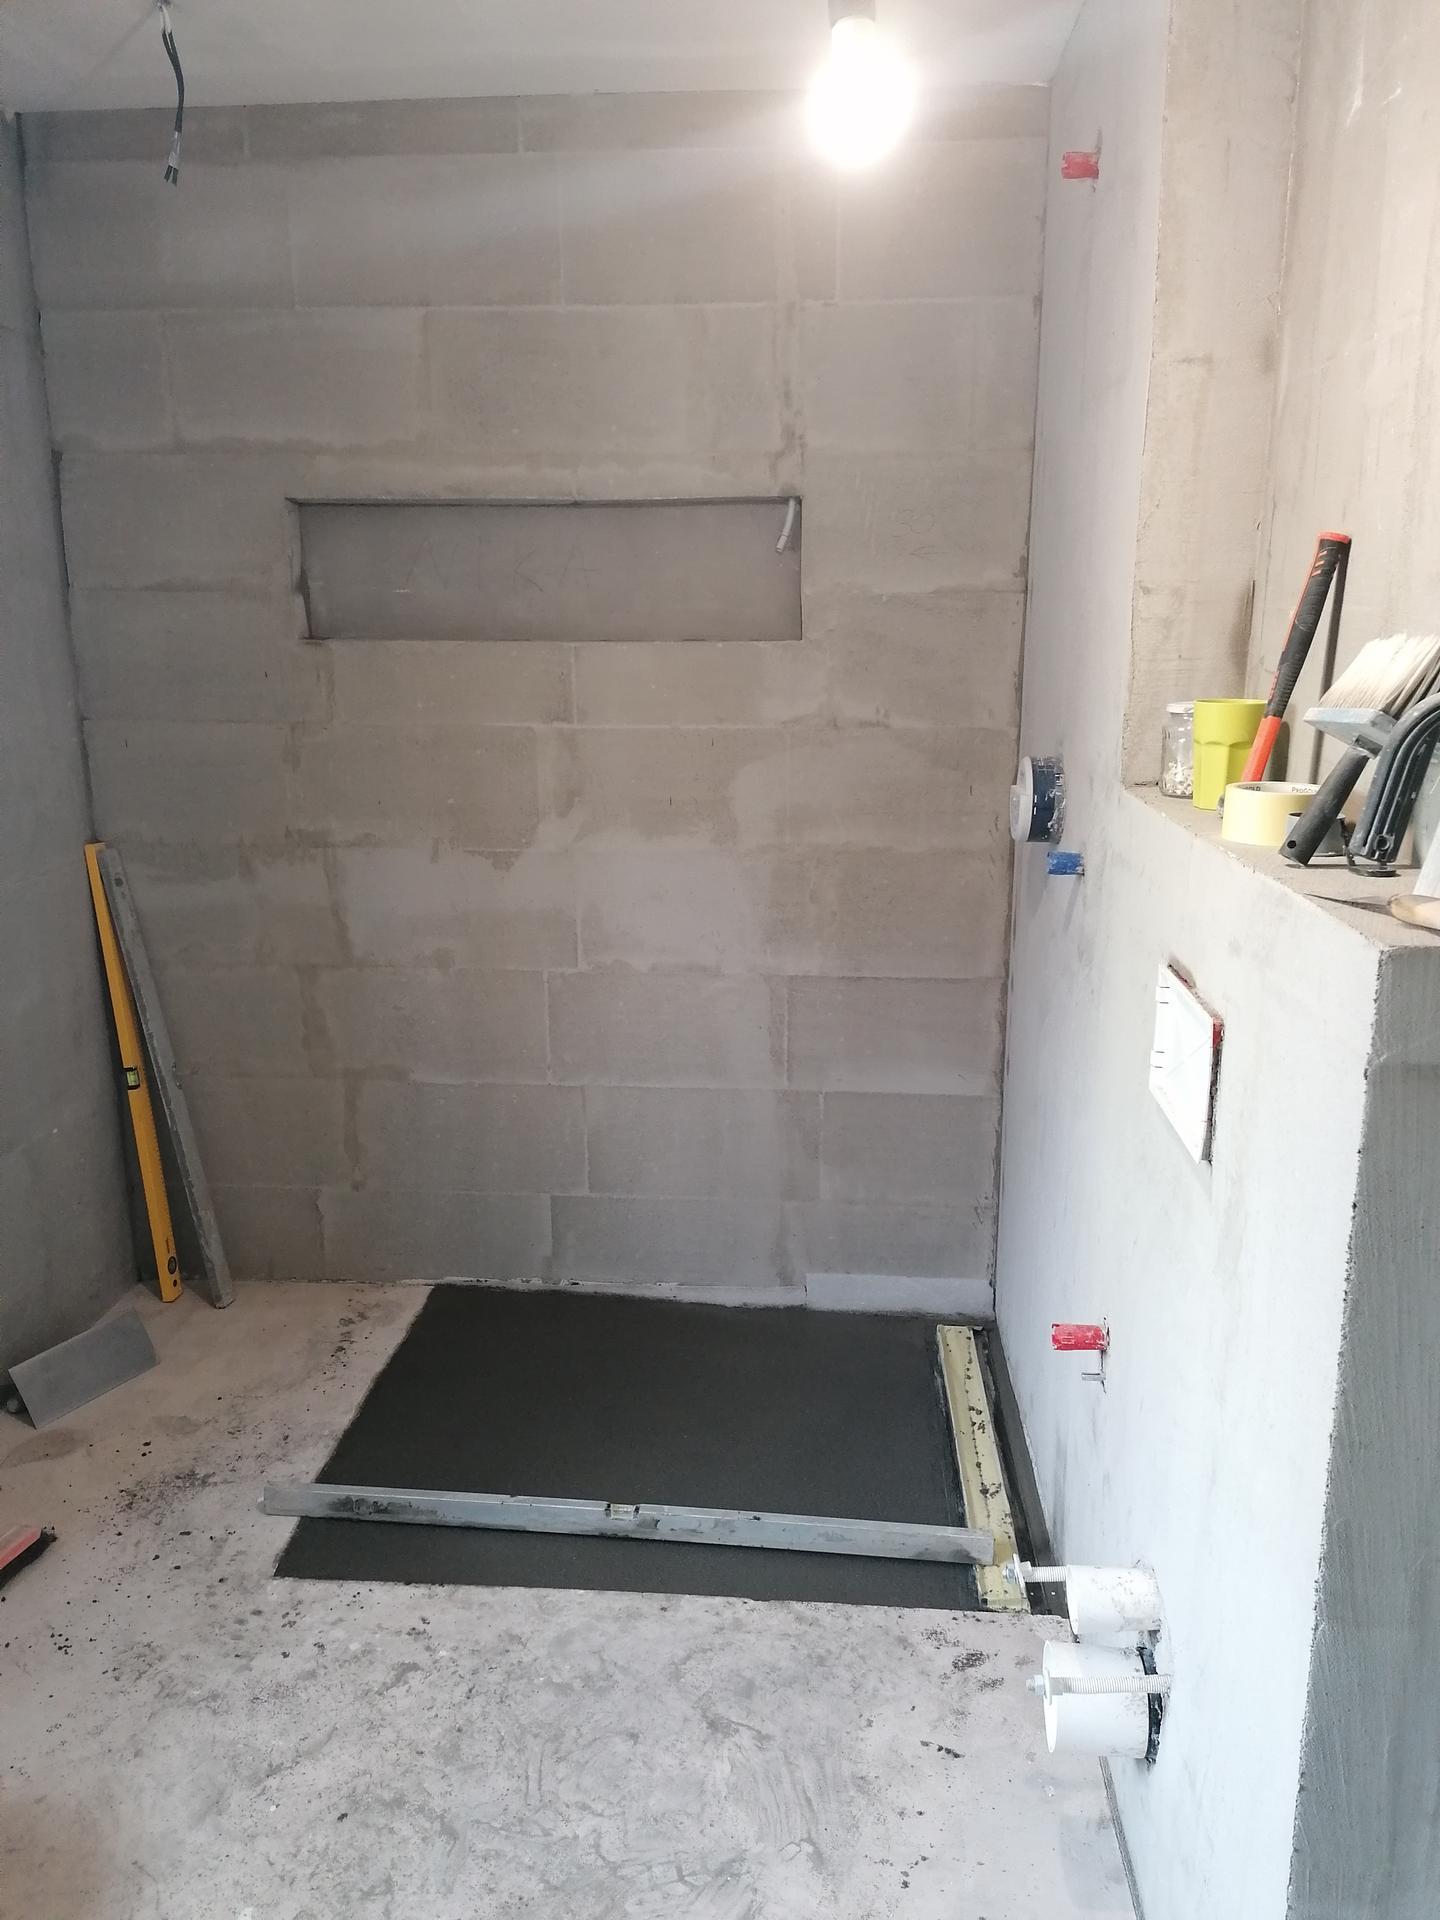 Pasiv Svépomocí 2021 - koupelna v přízemí - vybetonovaný kout